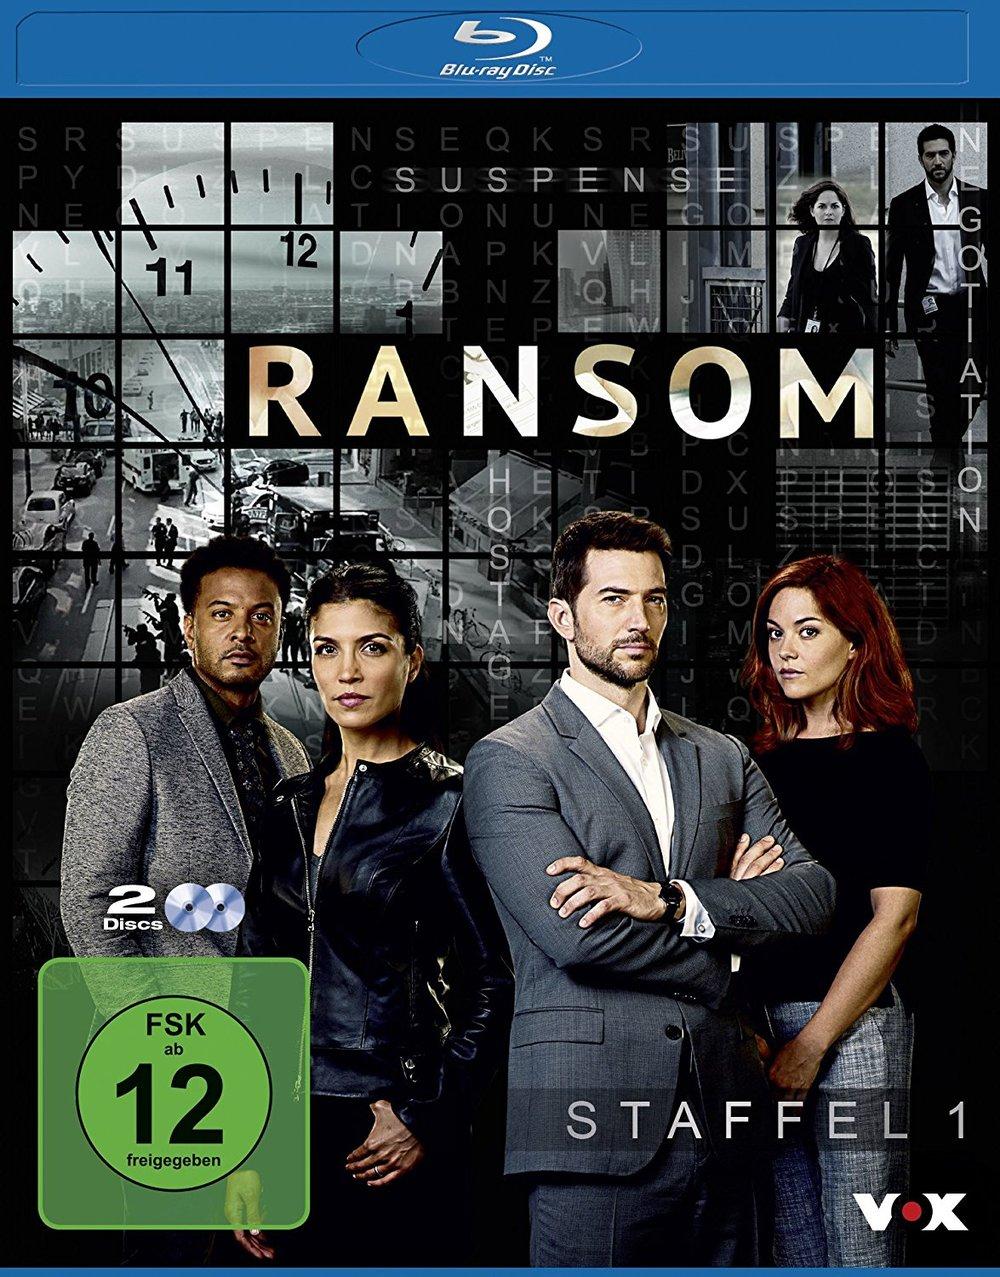 """Gewinnt eine BD zur spannenden Action-Krimi-Serie """"Ransom"""" - Staffel 1"""